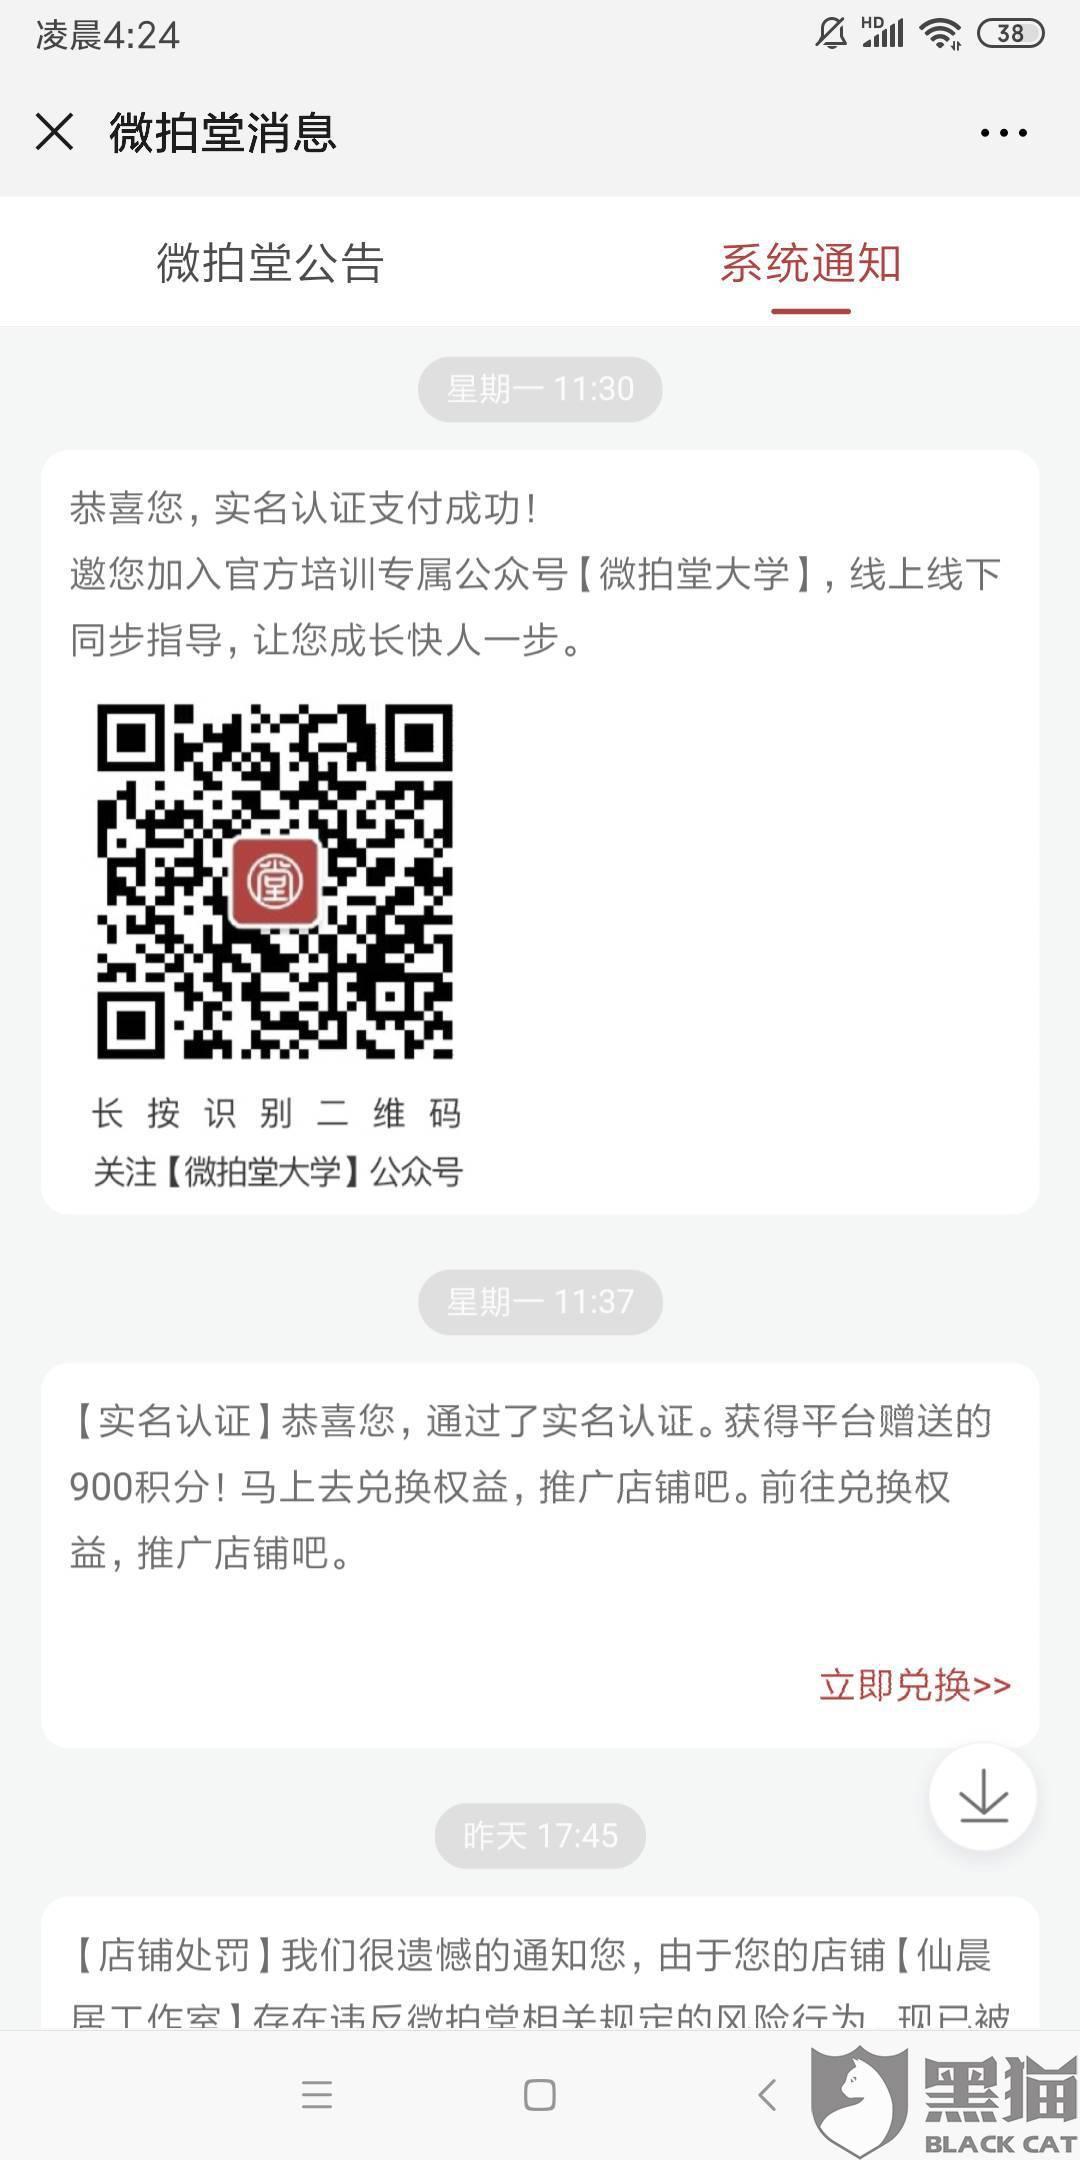 黑猫投诉:霸王条款店大欺客杭州微拍堂文化创意有限公司